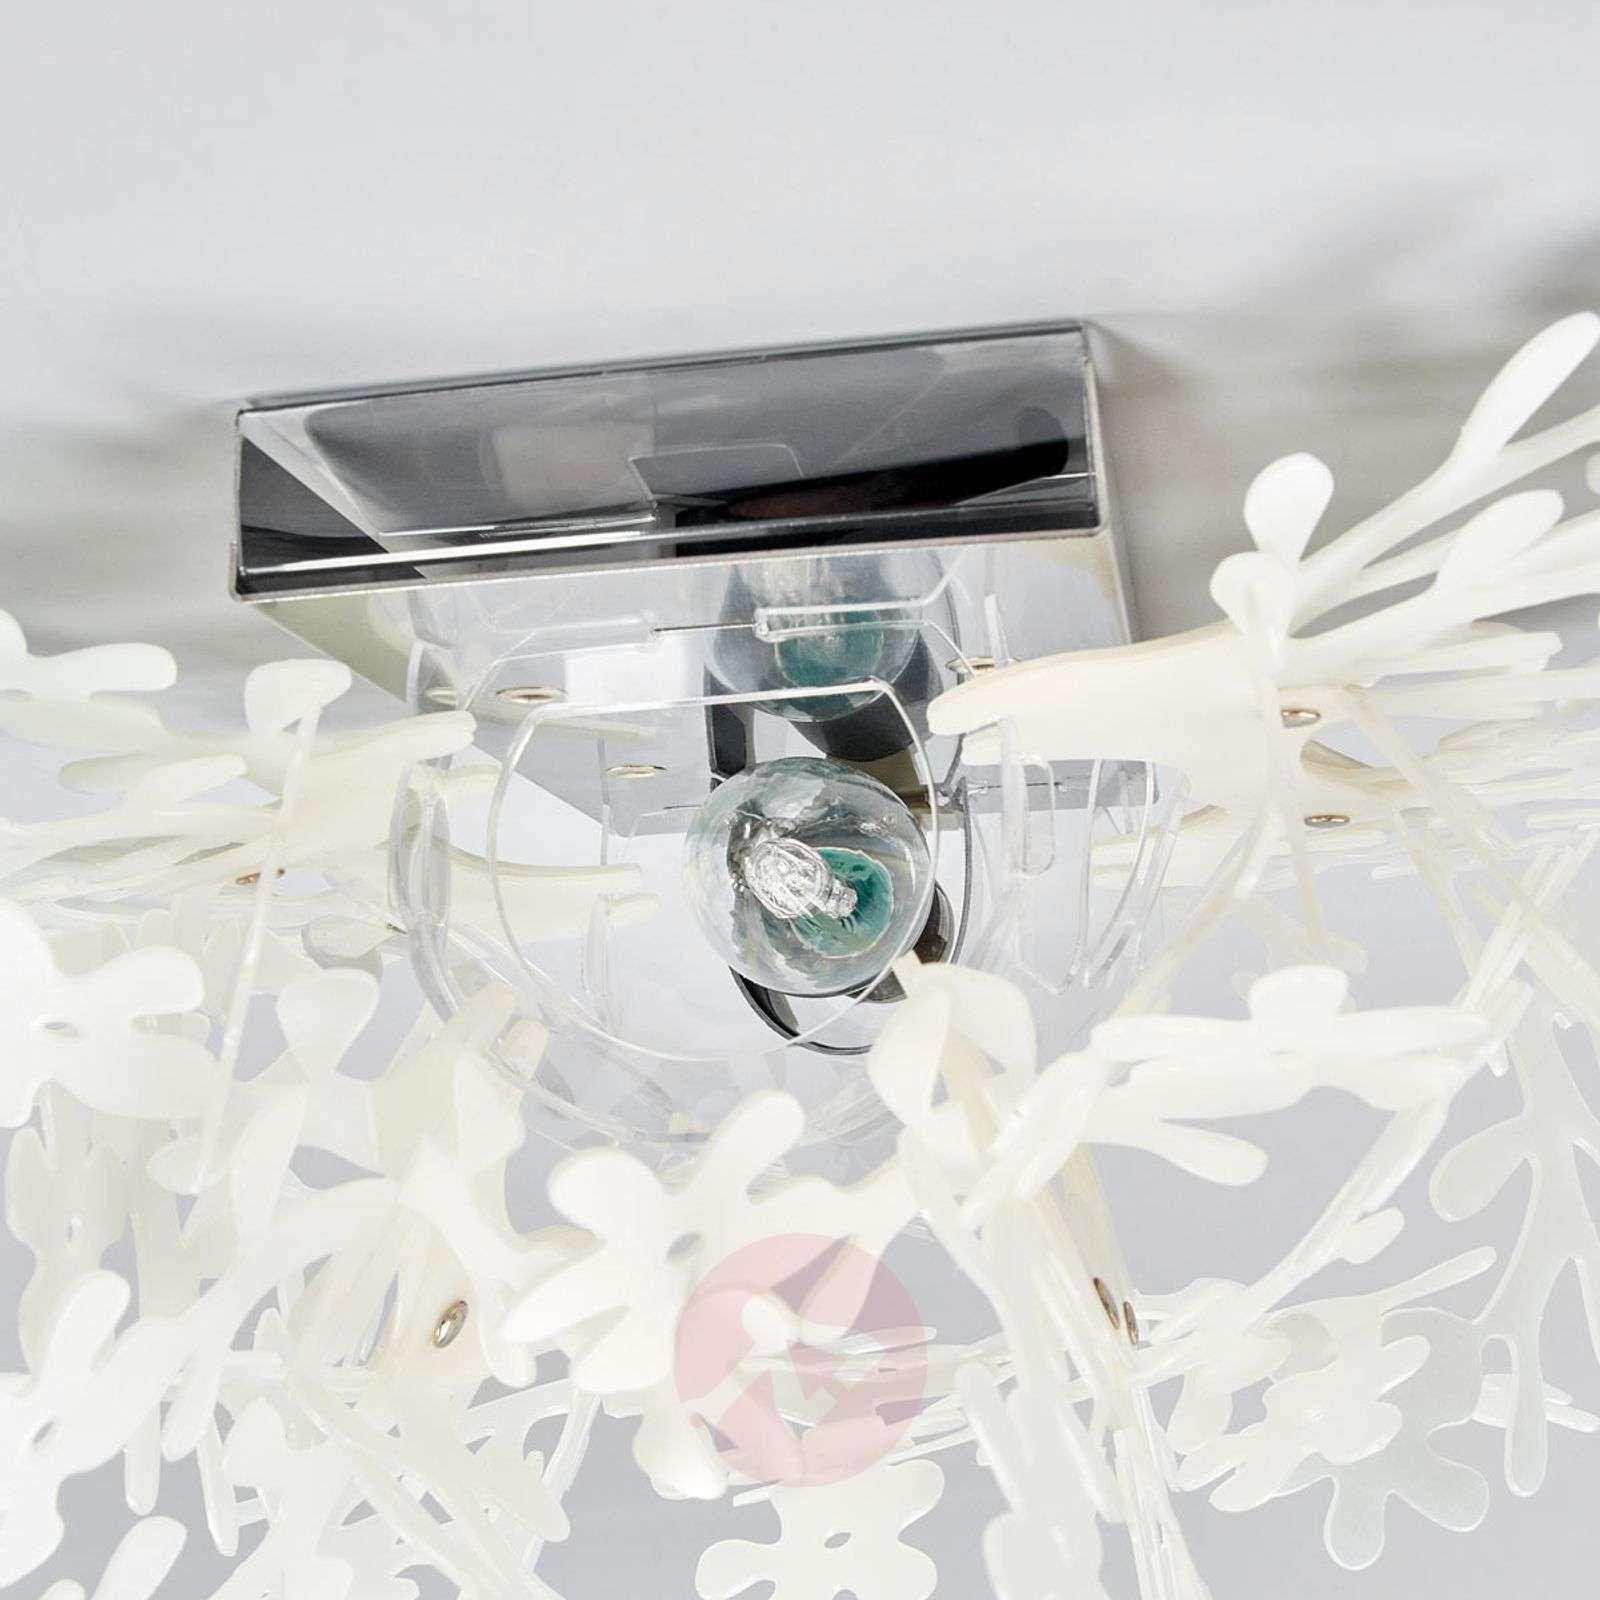 Kukkaisseinävalaisin Fiorella Mini-8503192-01